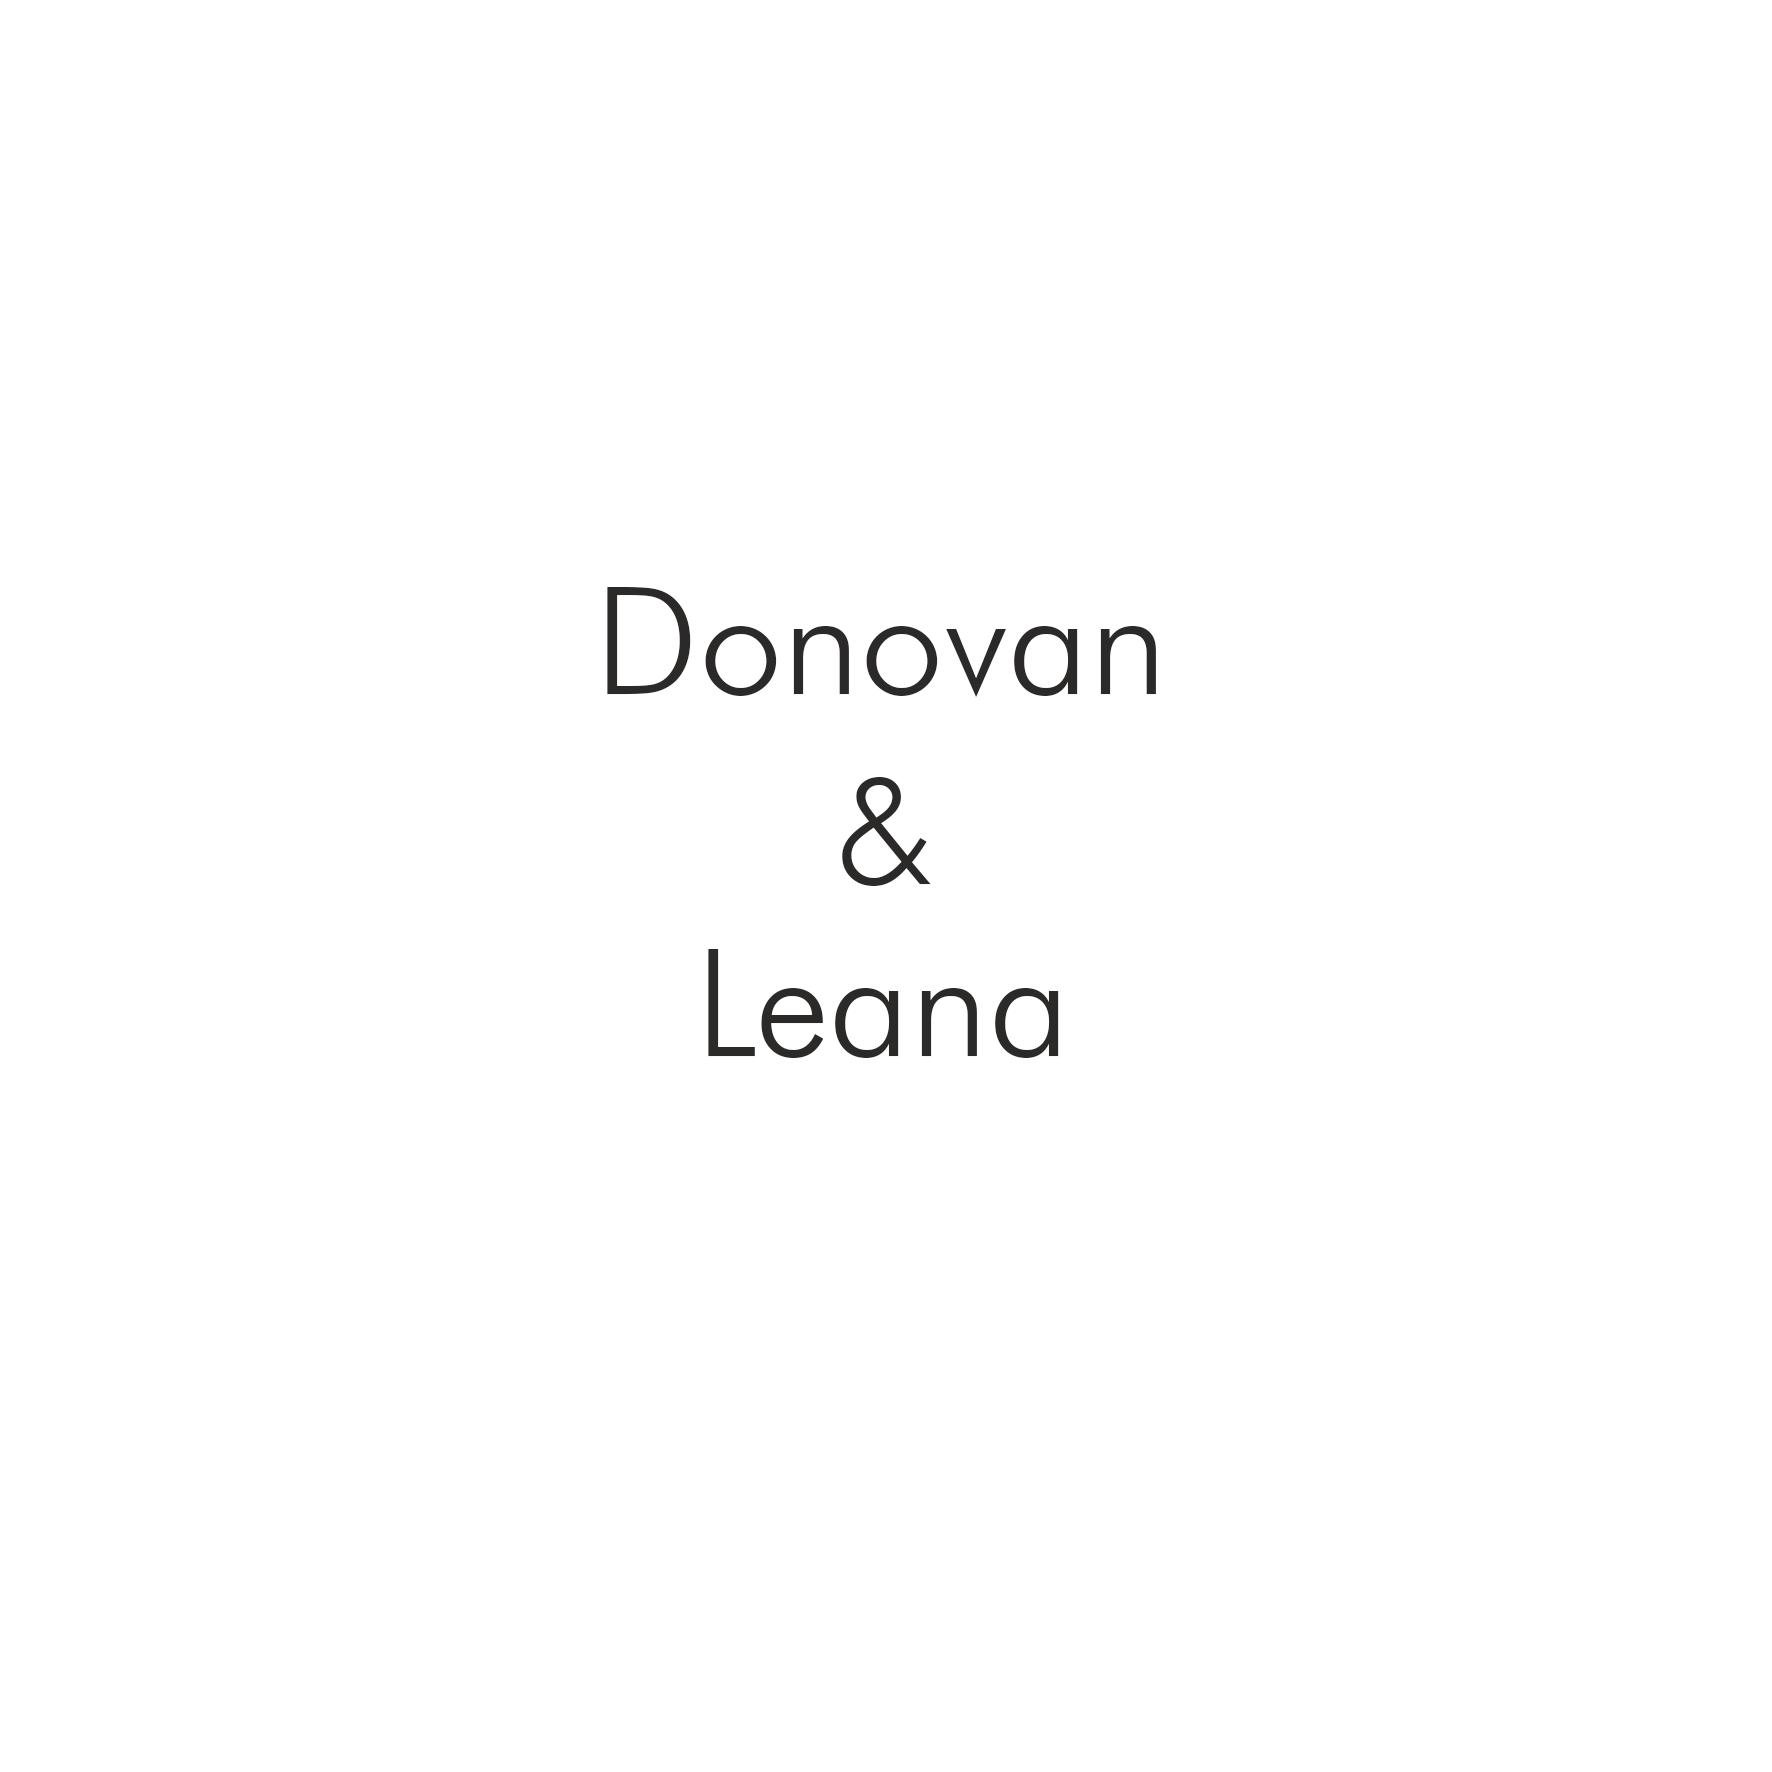 Donovan & Leana.png